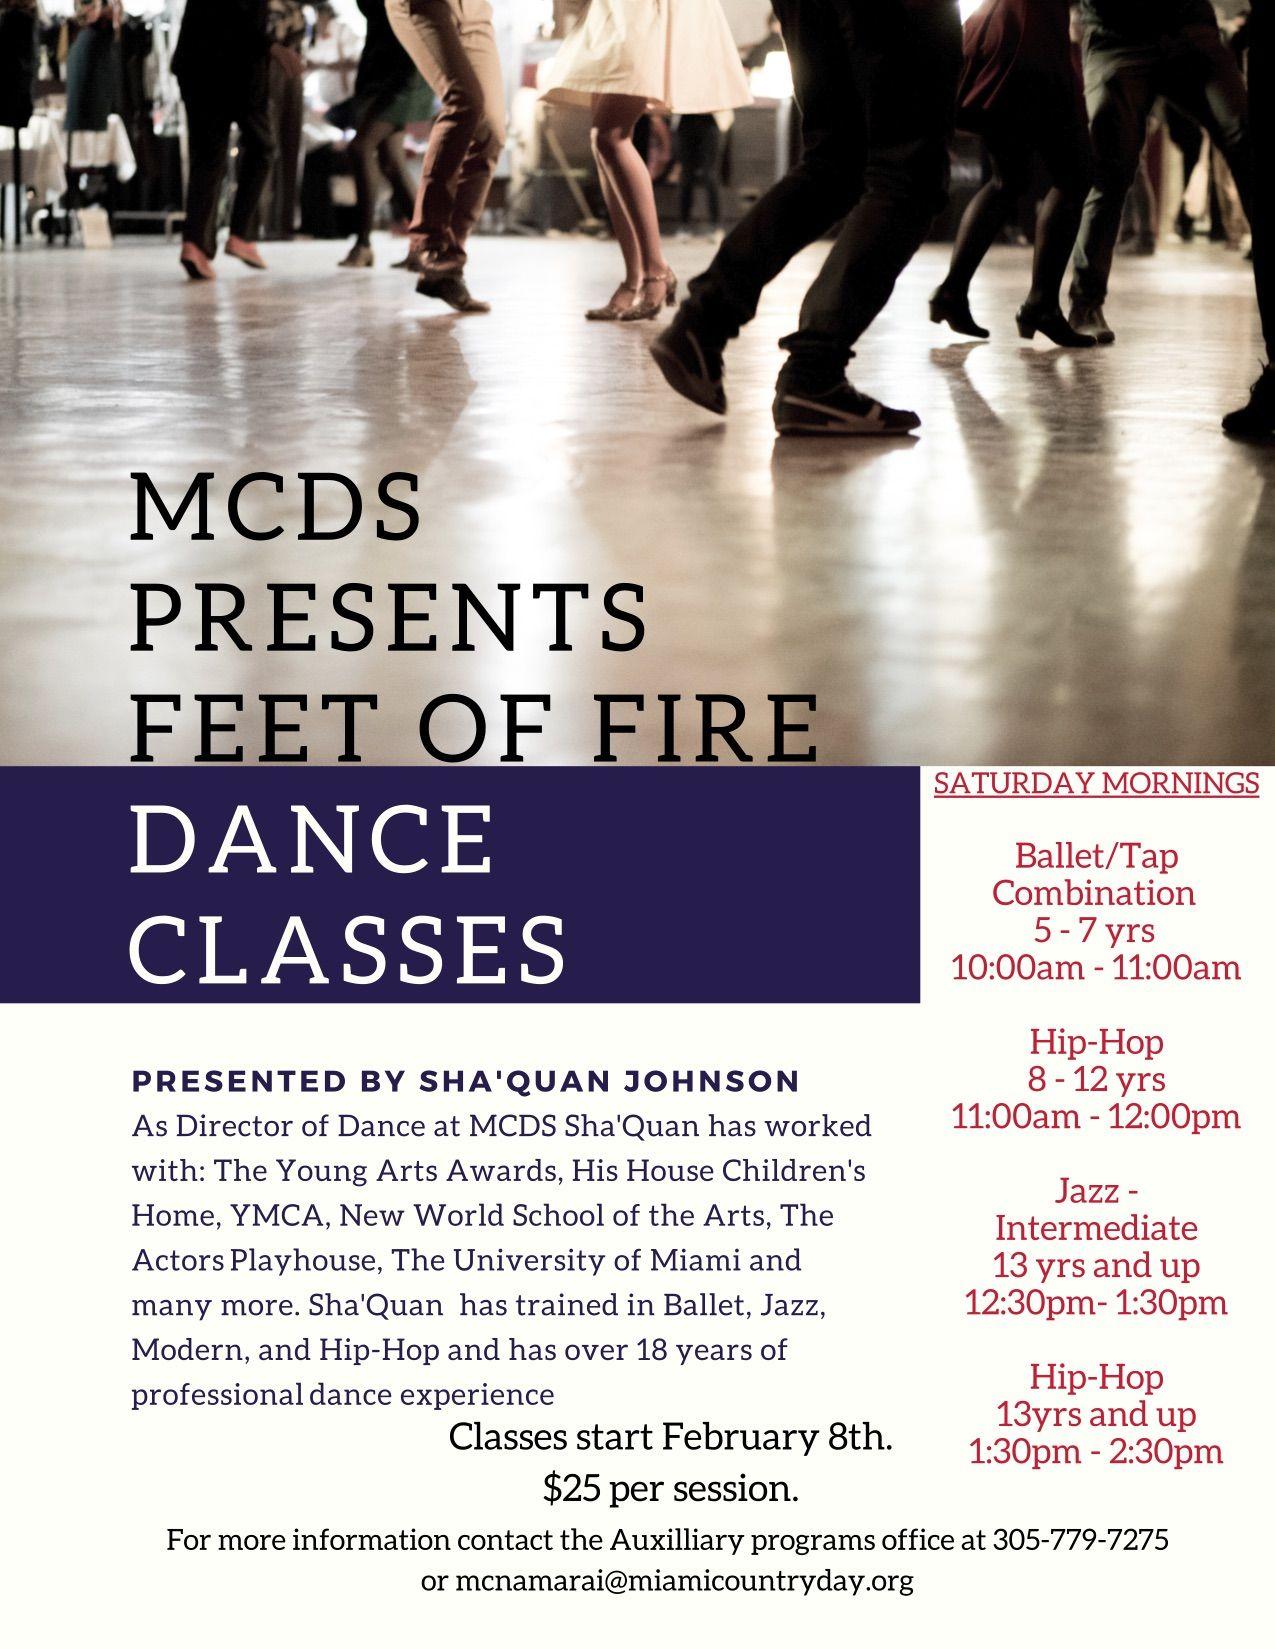 Feet of Fire Dance Classes